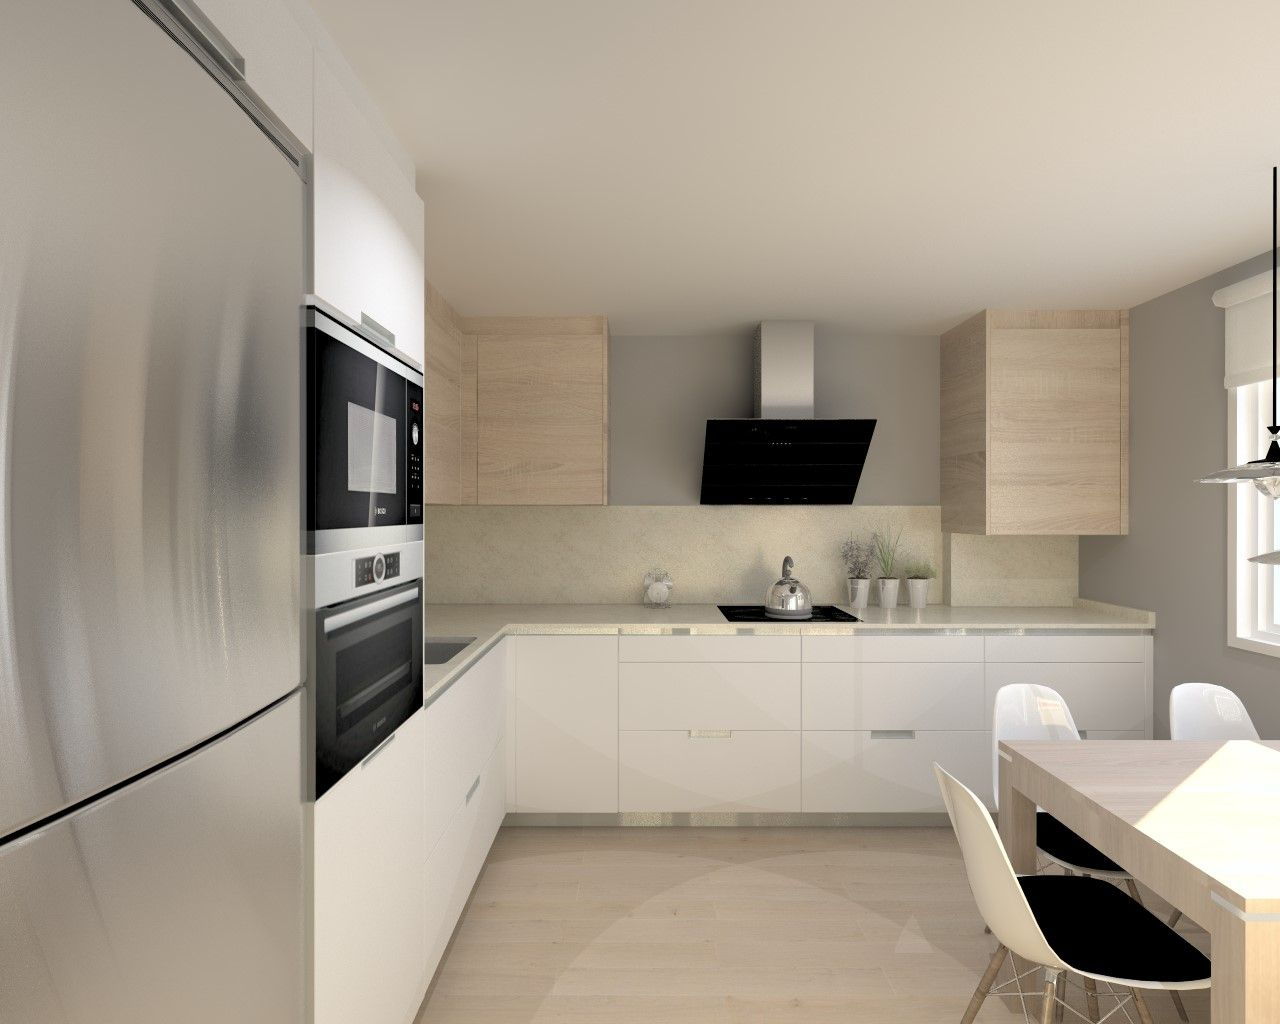 Cocina santos modelo minos l blanco seda encimera granito for Modelos de cocinas